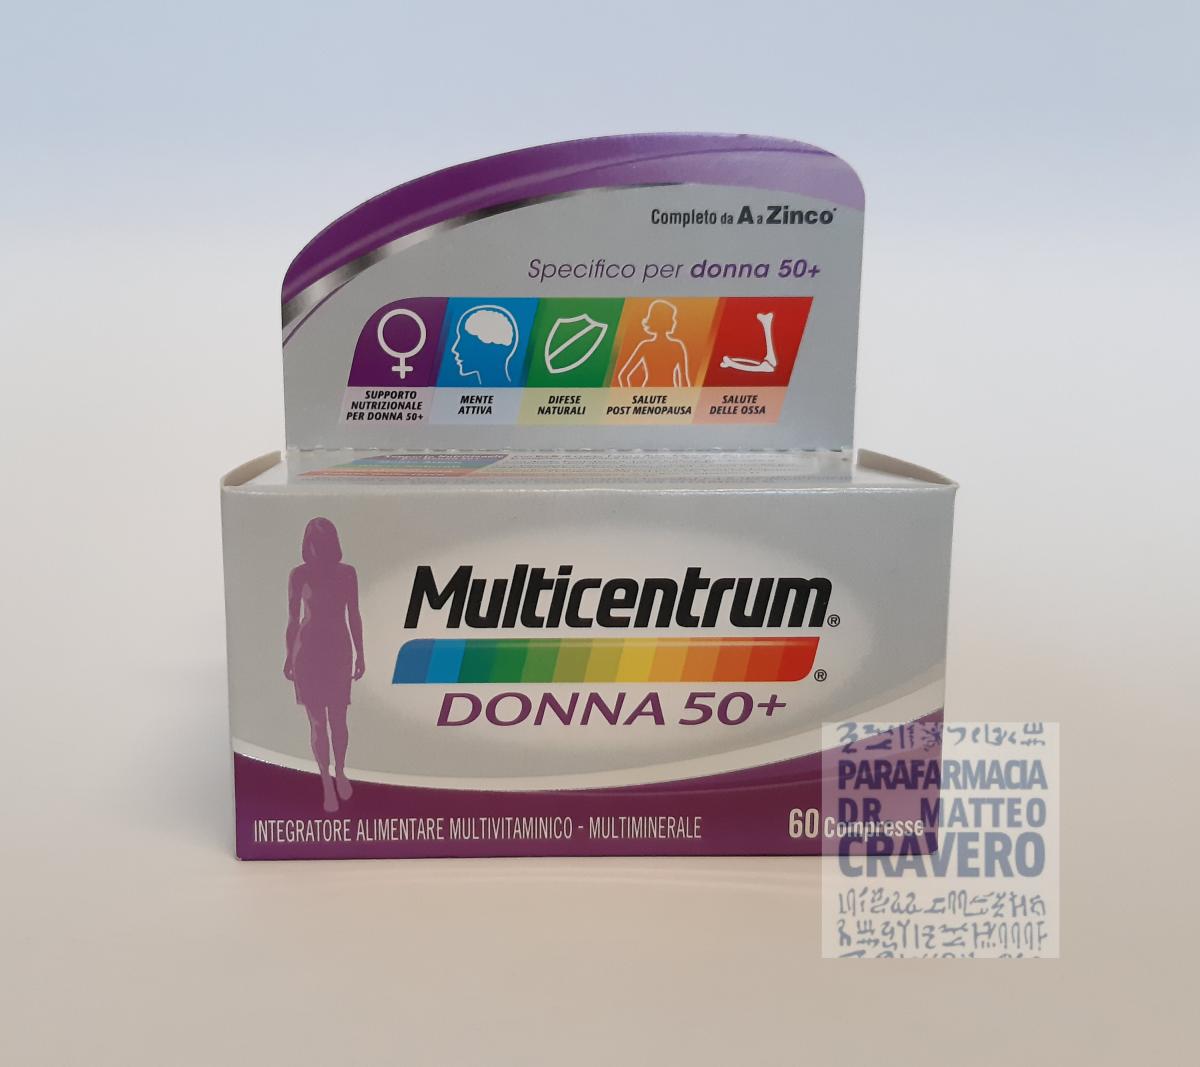 Multicentrum Donna 50 60 Compresse 26 32 Prezzo Parafarmacia Cravero